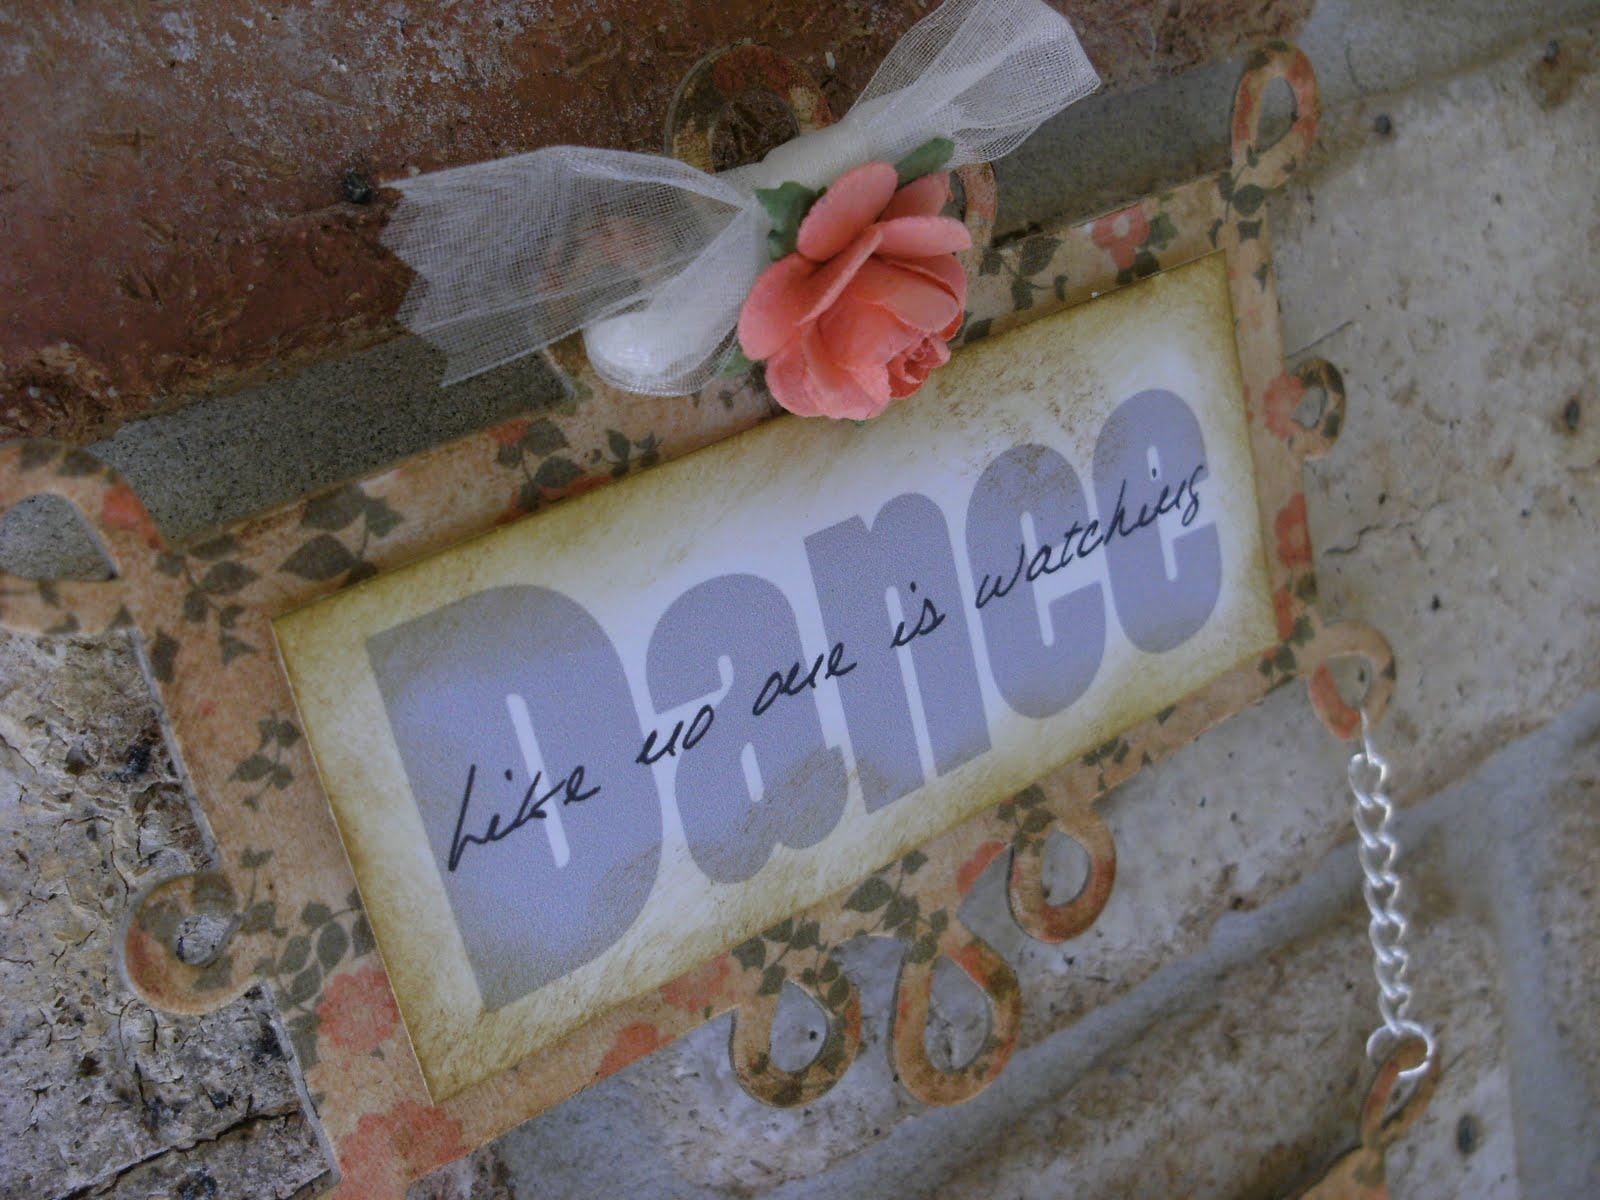 http://4.bp.blogspot.com/_DcRjnx8rpvk/TEZqH2AodUI/AAAAAAAAA54/E1ZY0VI9mLI/s1600/DSCF3603.JPG